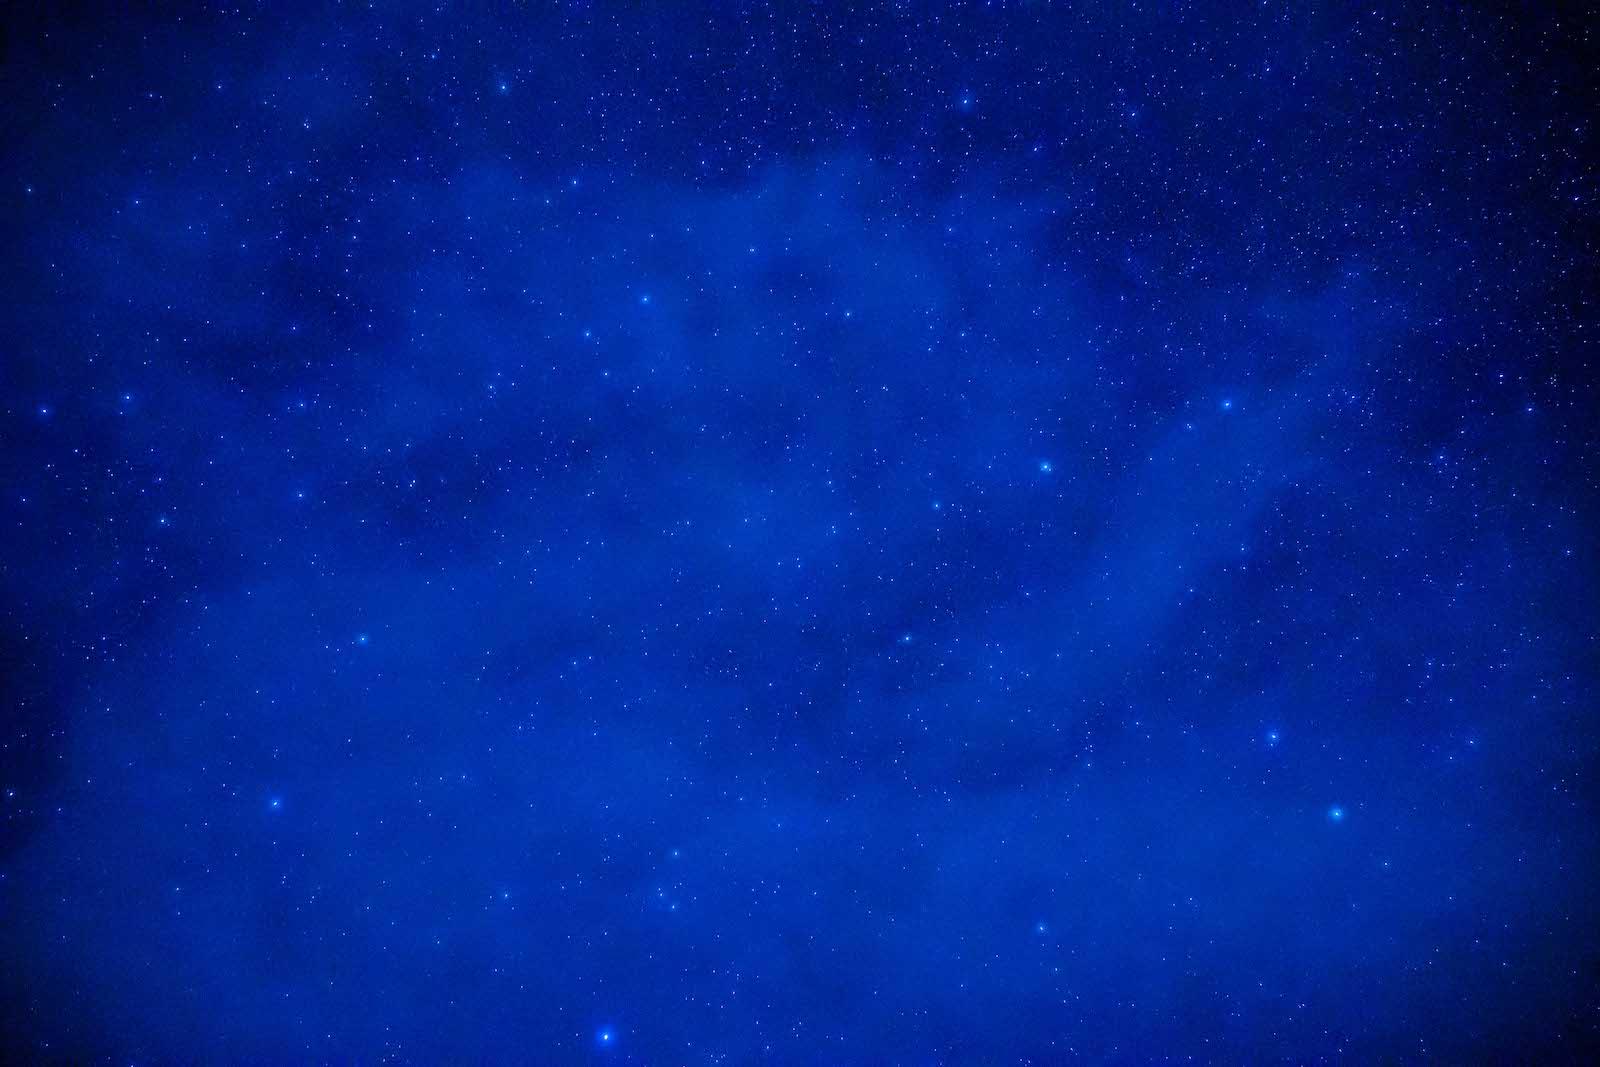 長野県乗鞍高原の星空